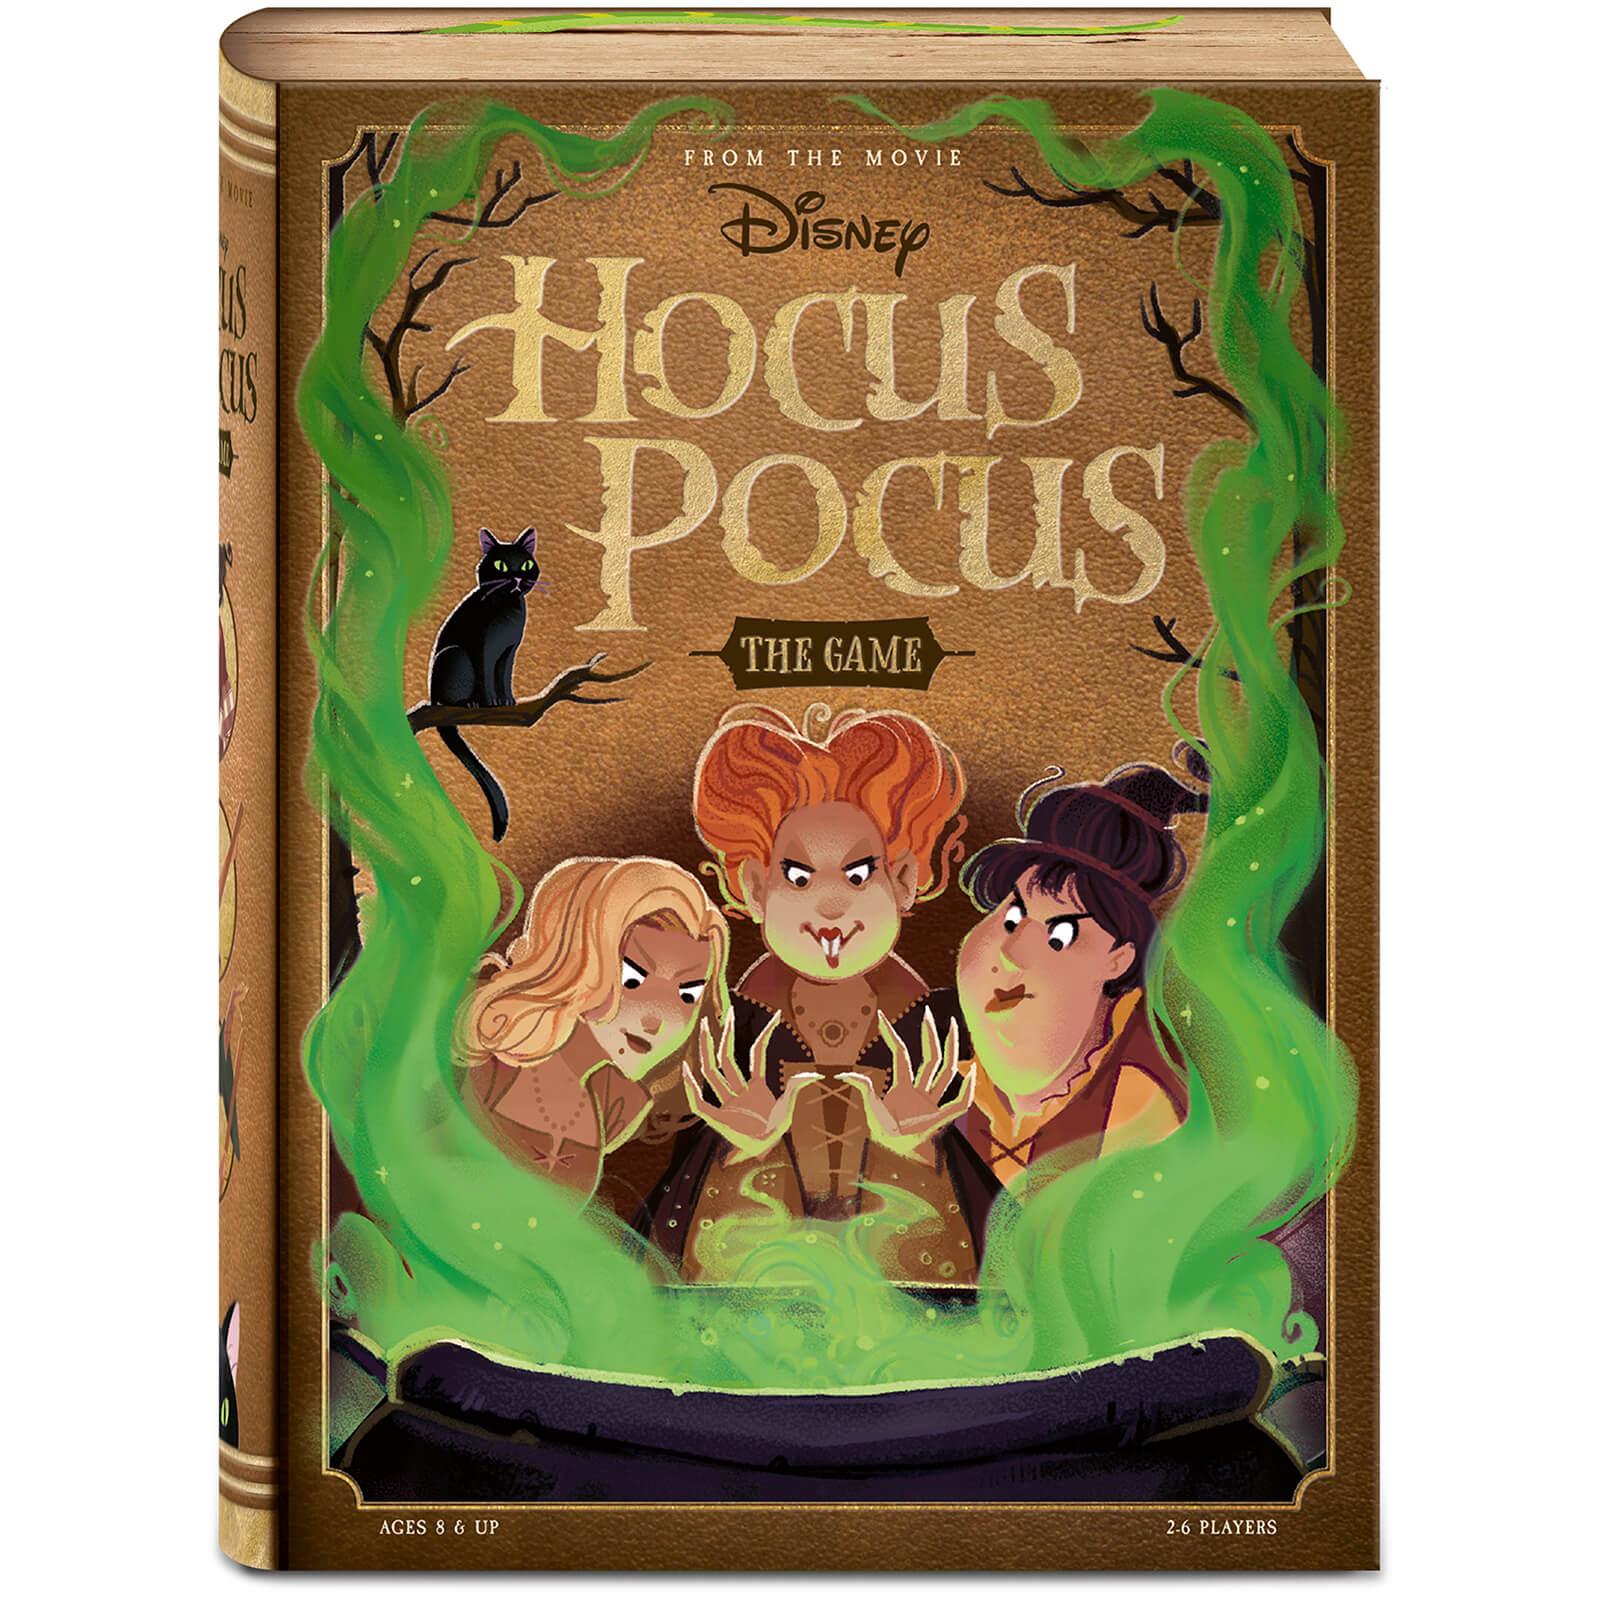 Image of Hocus Pocus Board Game